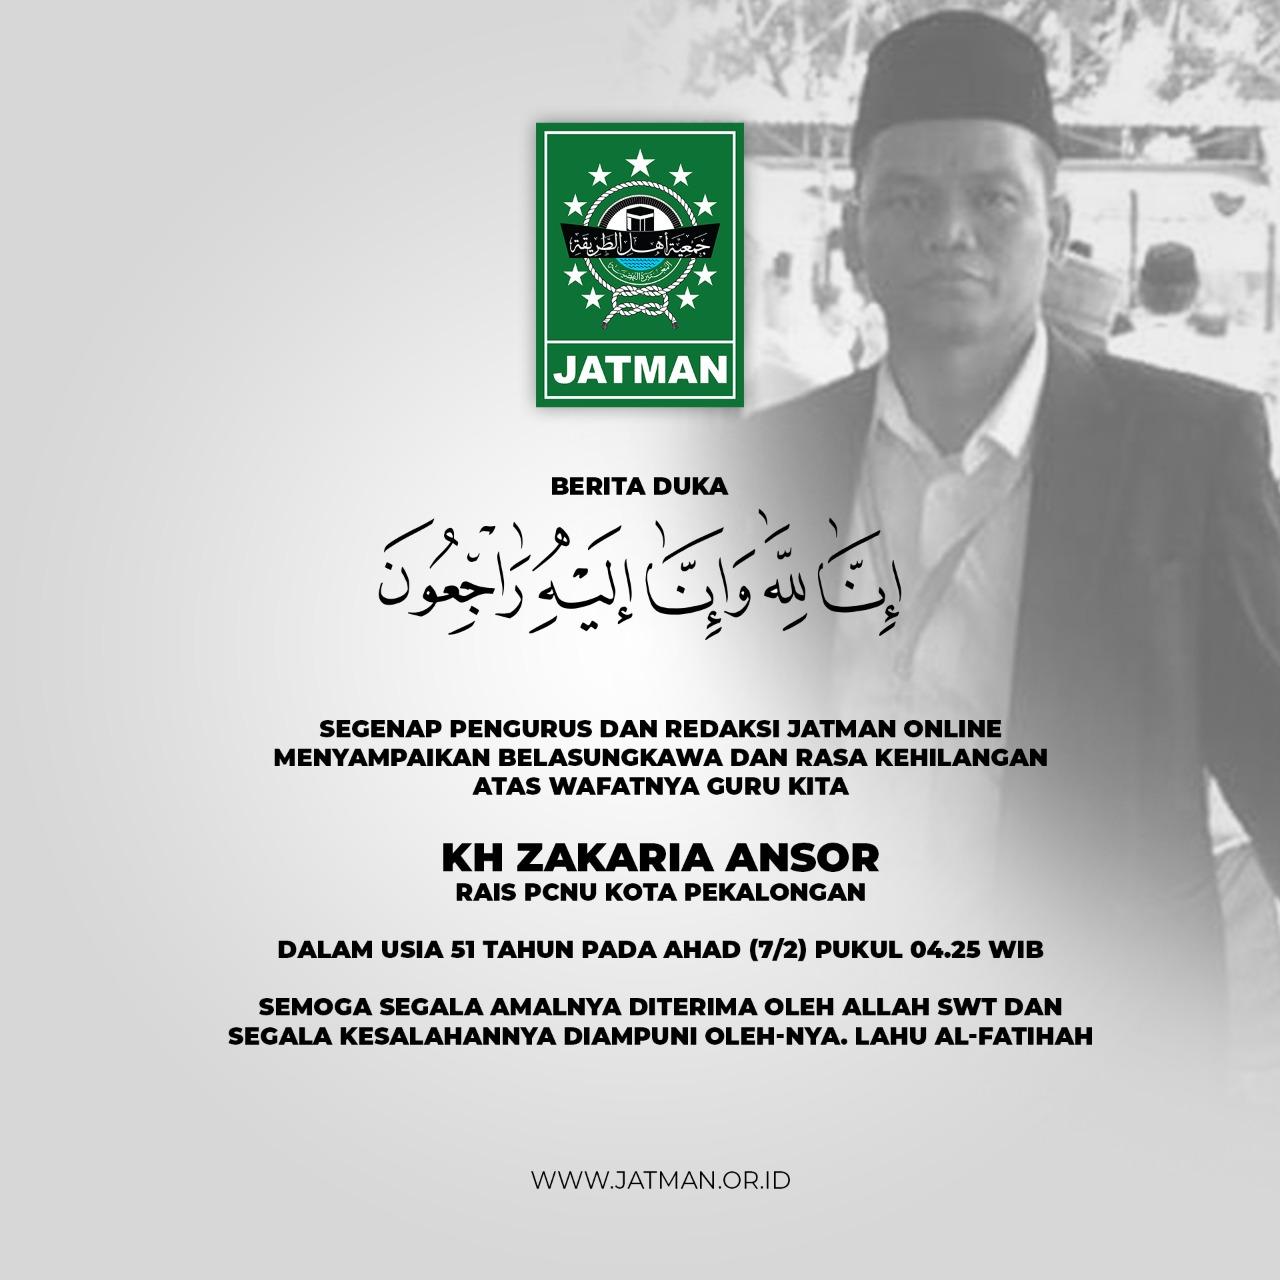 KH Zakaria Ansor